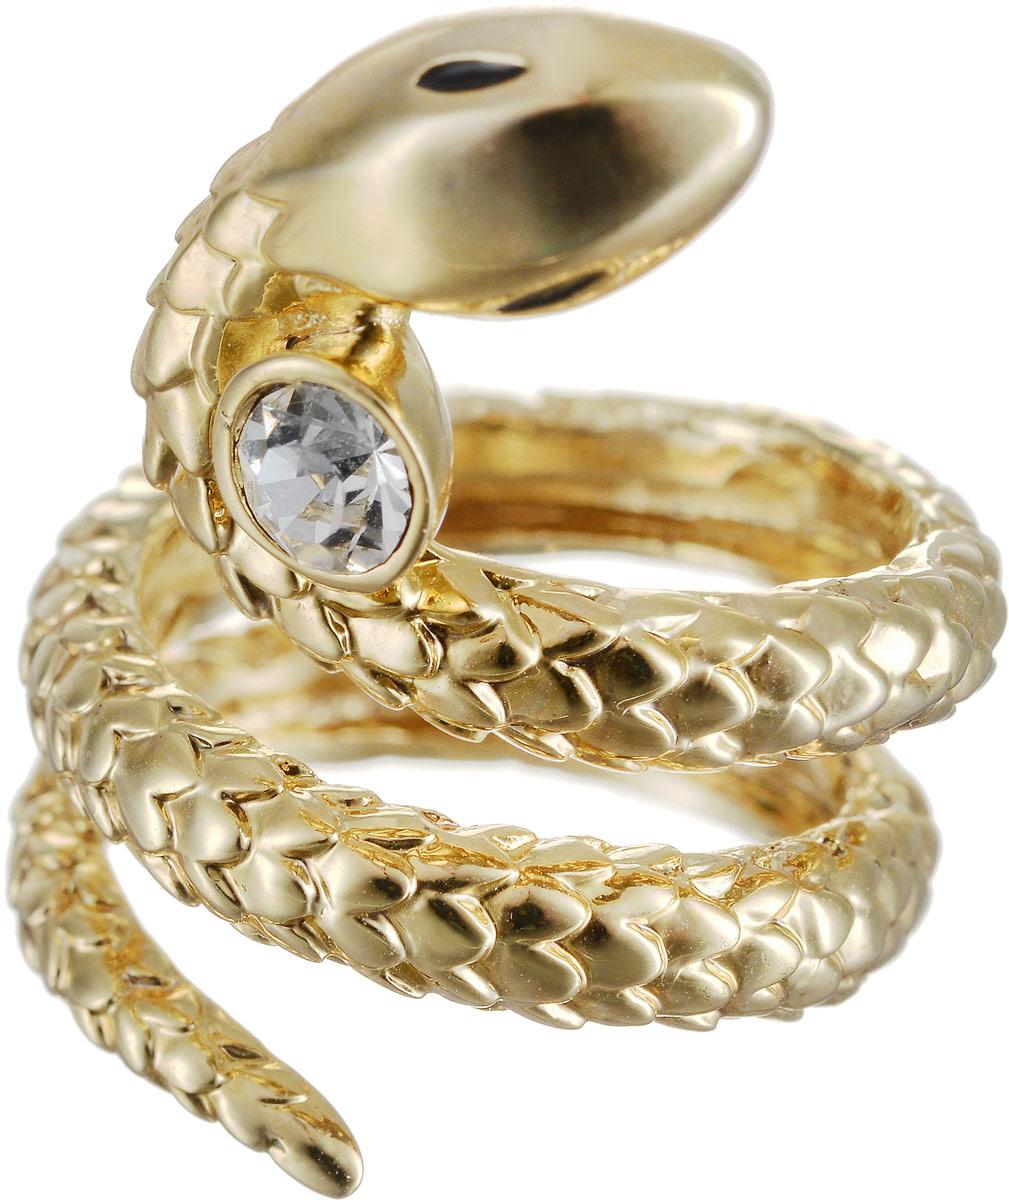 Кольцо Art-Silver, цвет: золотой. 527-300. Размер 17527-300Оригинальное кольцо Art-Silver выполнено из бижутерного сплава с гальваническим покрытием. Кольцо в виде змеи украшено декоративными вставками. Элегантное кольцо Art-Silver превосходно дополнит ваш образ и подчеркнет отменное чувство стиля своей обладательницы.